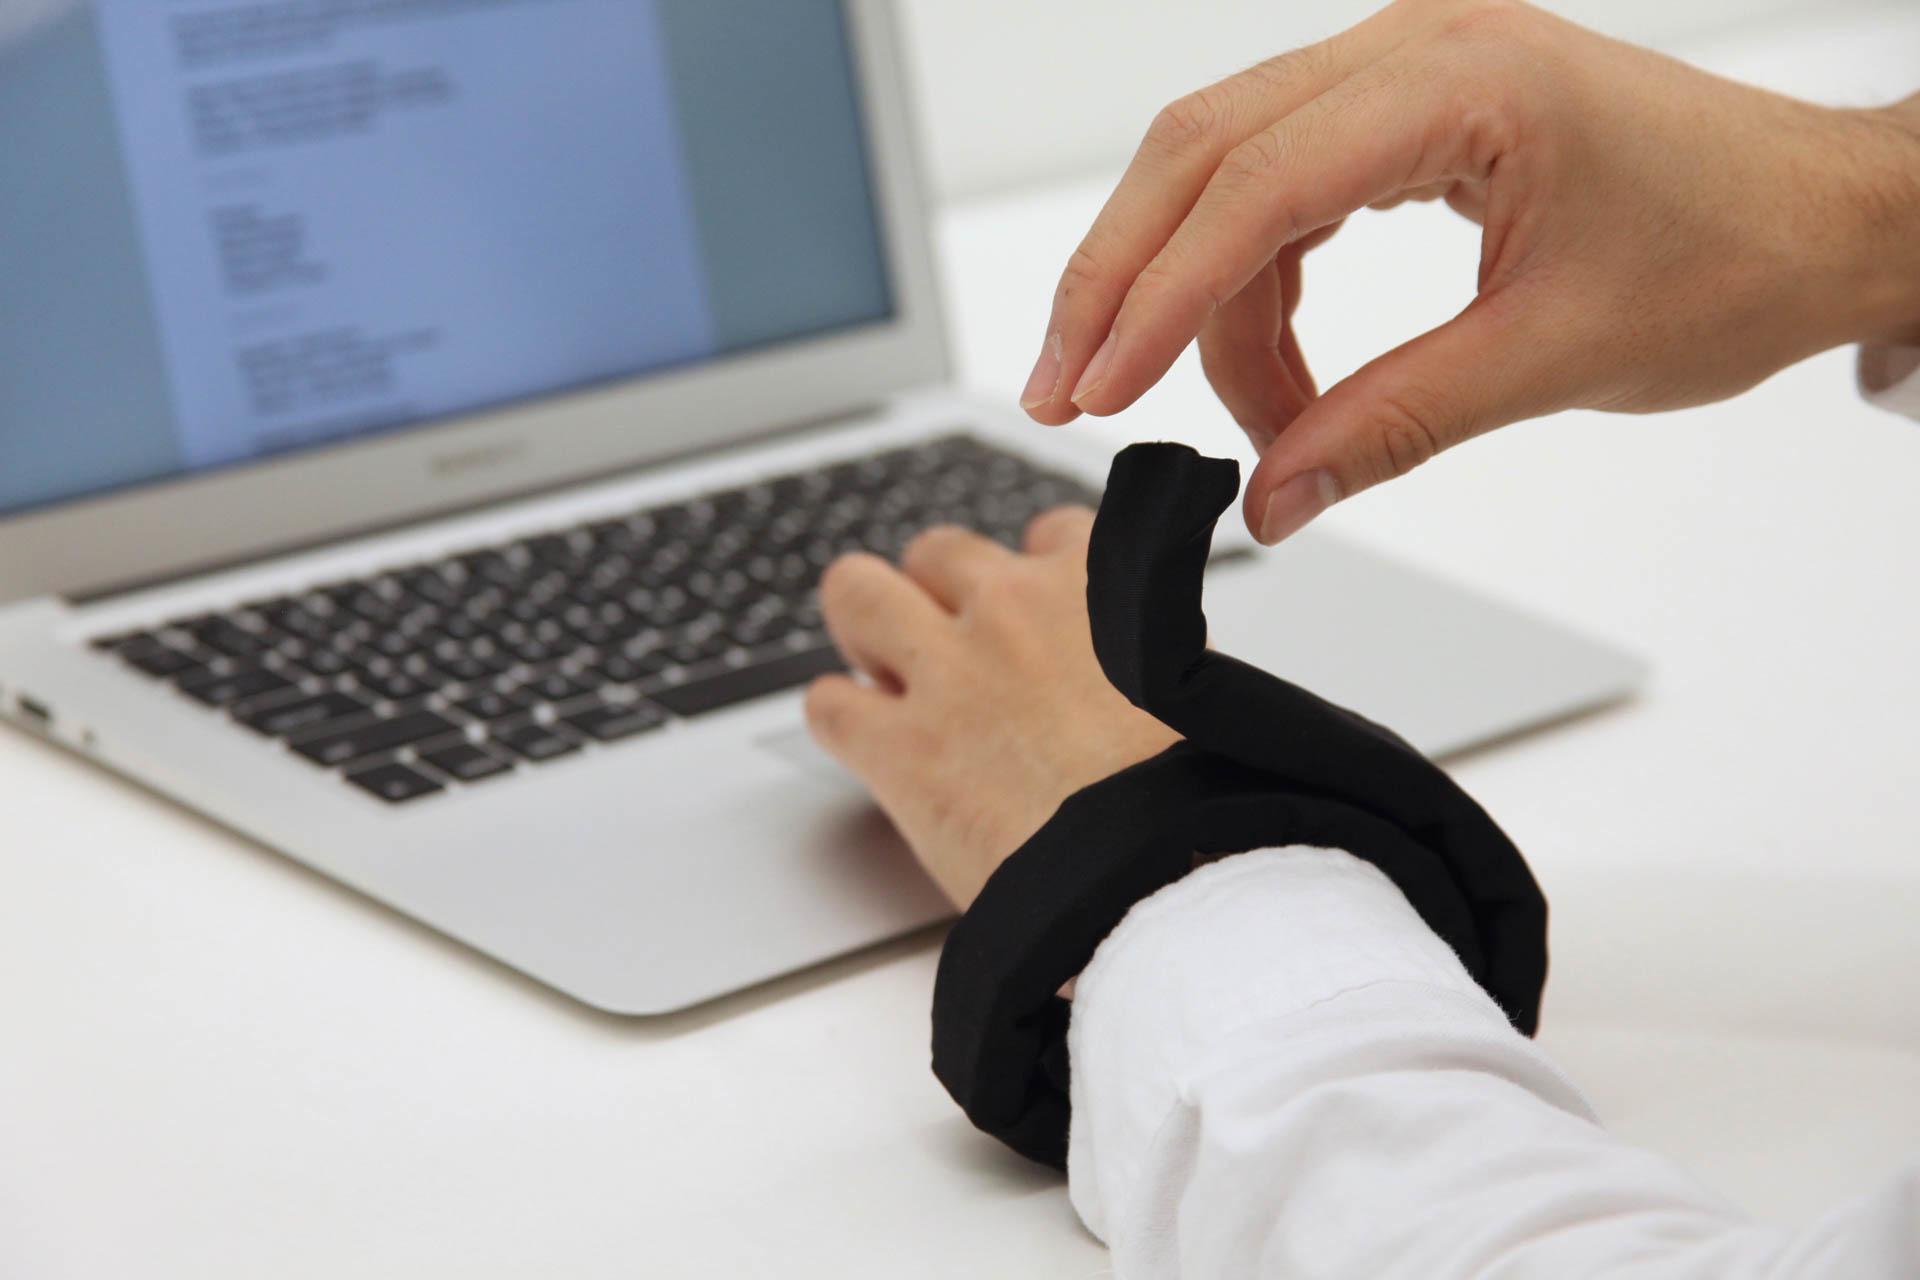 Робот-змея от МТИ как эксперимент физического интерфейса будущего - 3